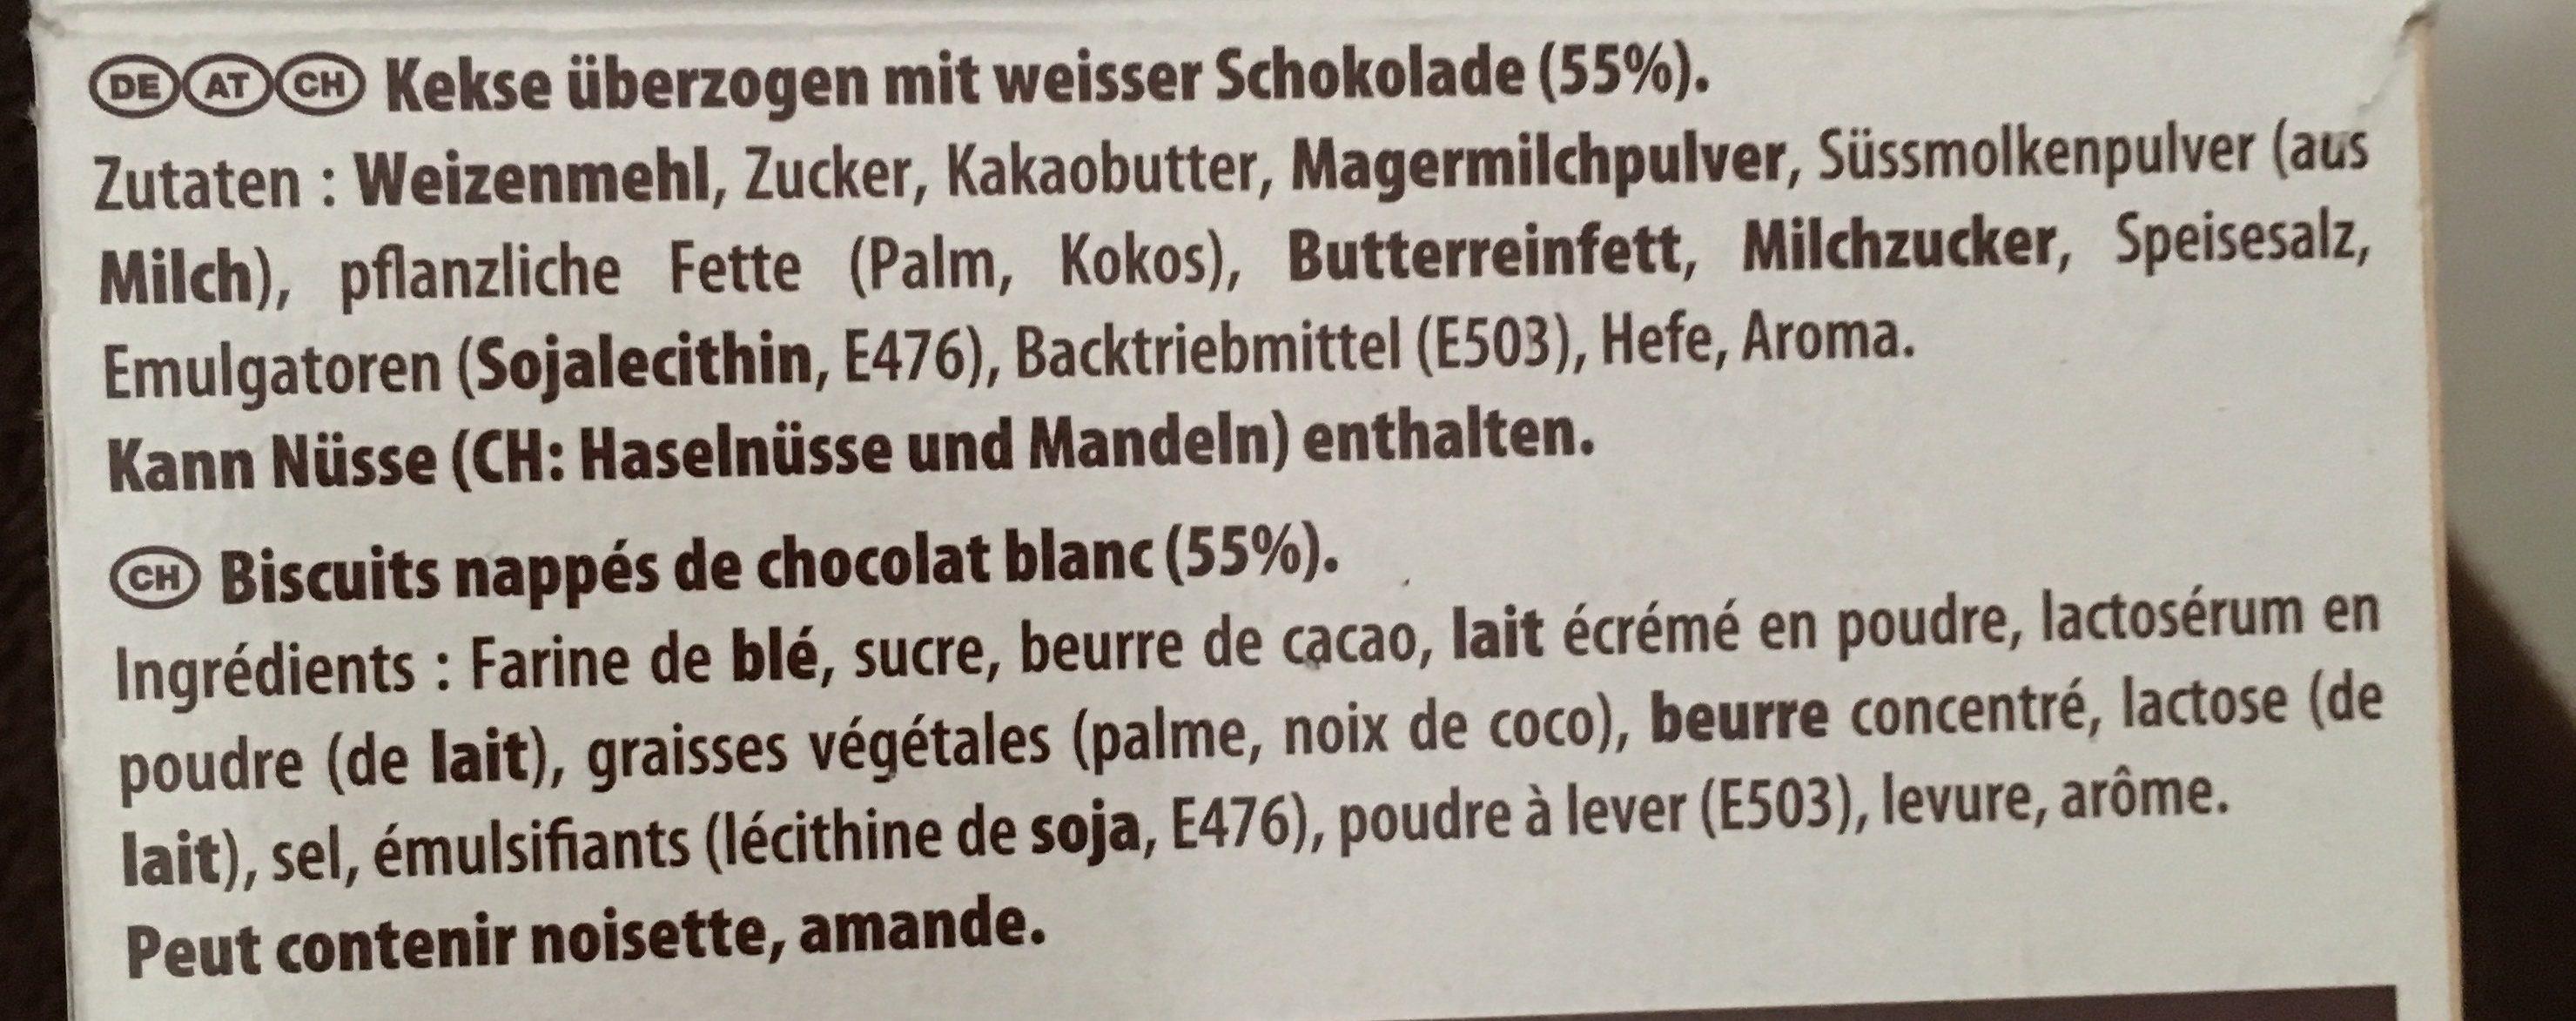 Mikado Weiße Schokolade - Ingredients